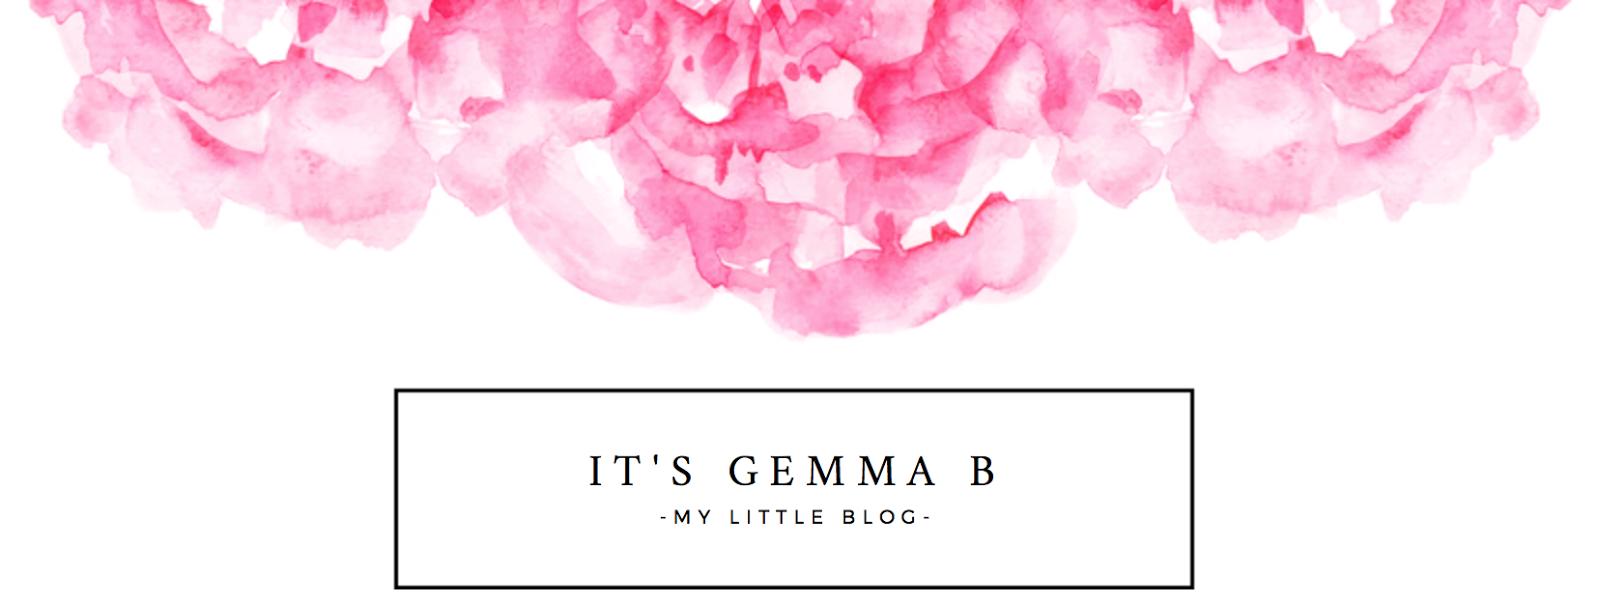 It's Gemma B